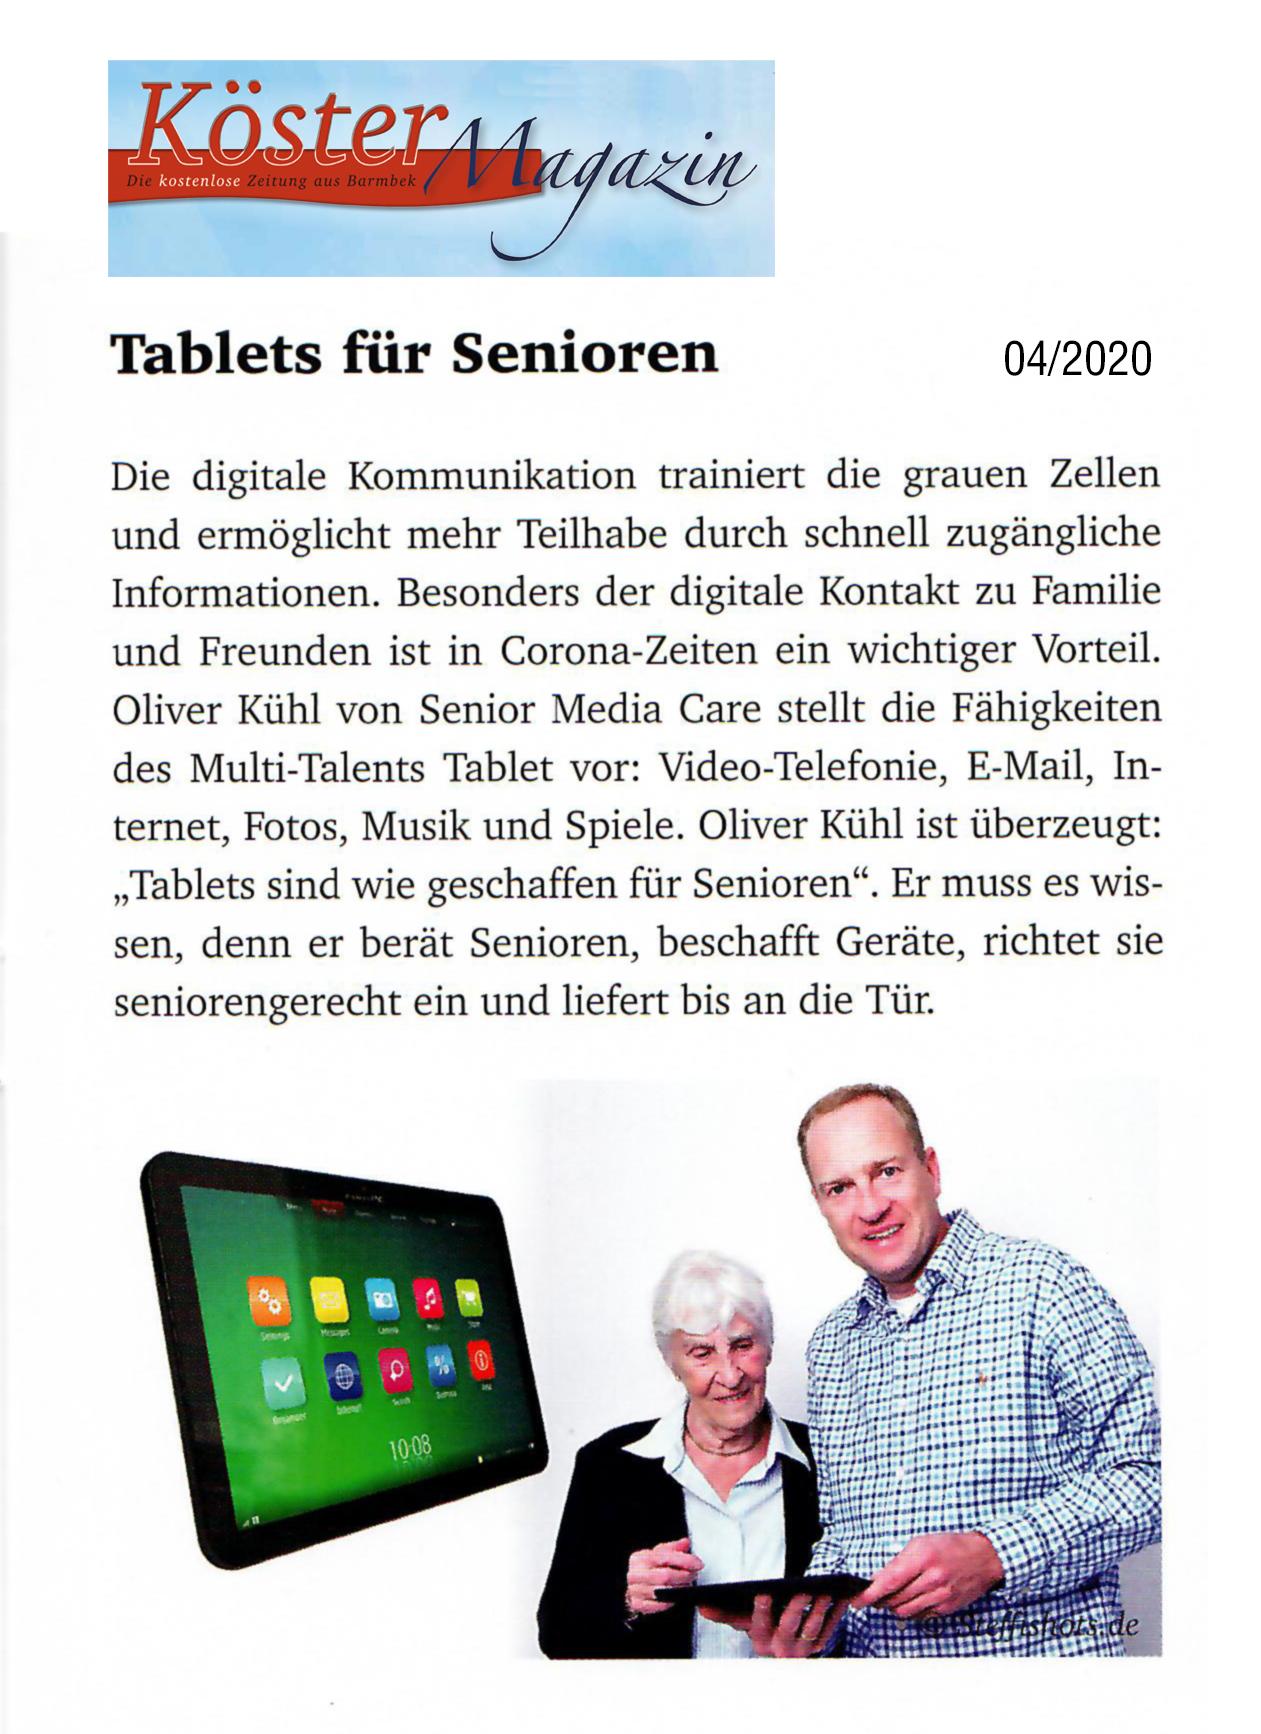 """PR-Bericht """"Tablets für Senioren"""" in der Zeitschrift Köster-Magazin"""